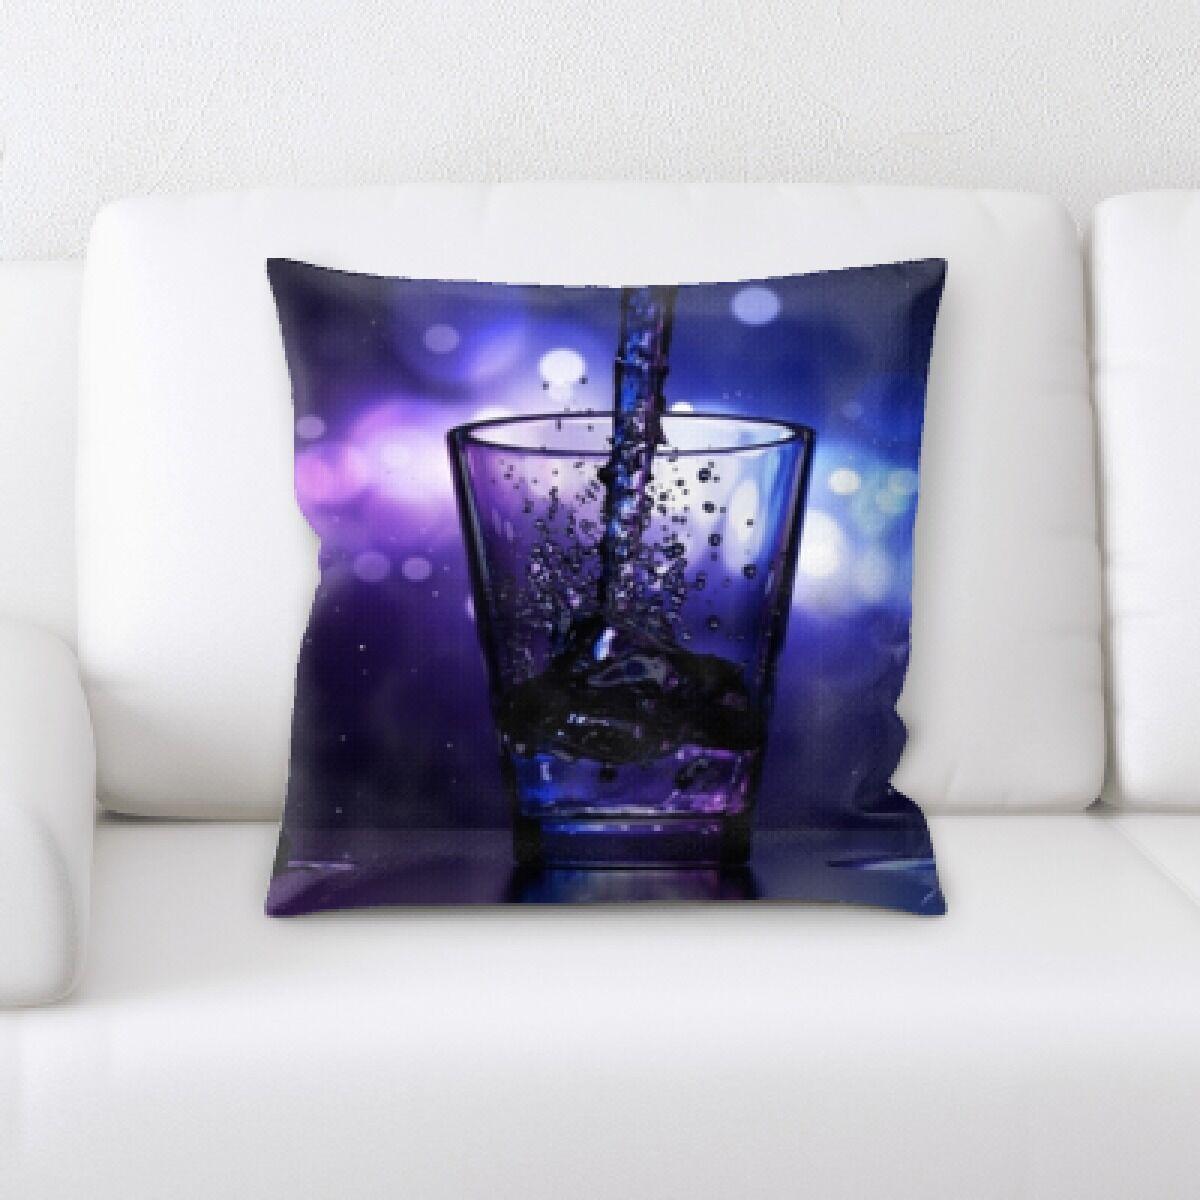 Waville Glass (2) Throw Pillow